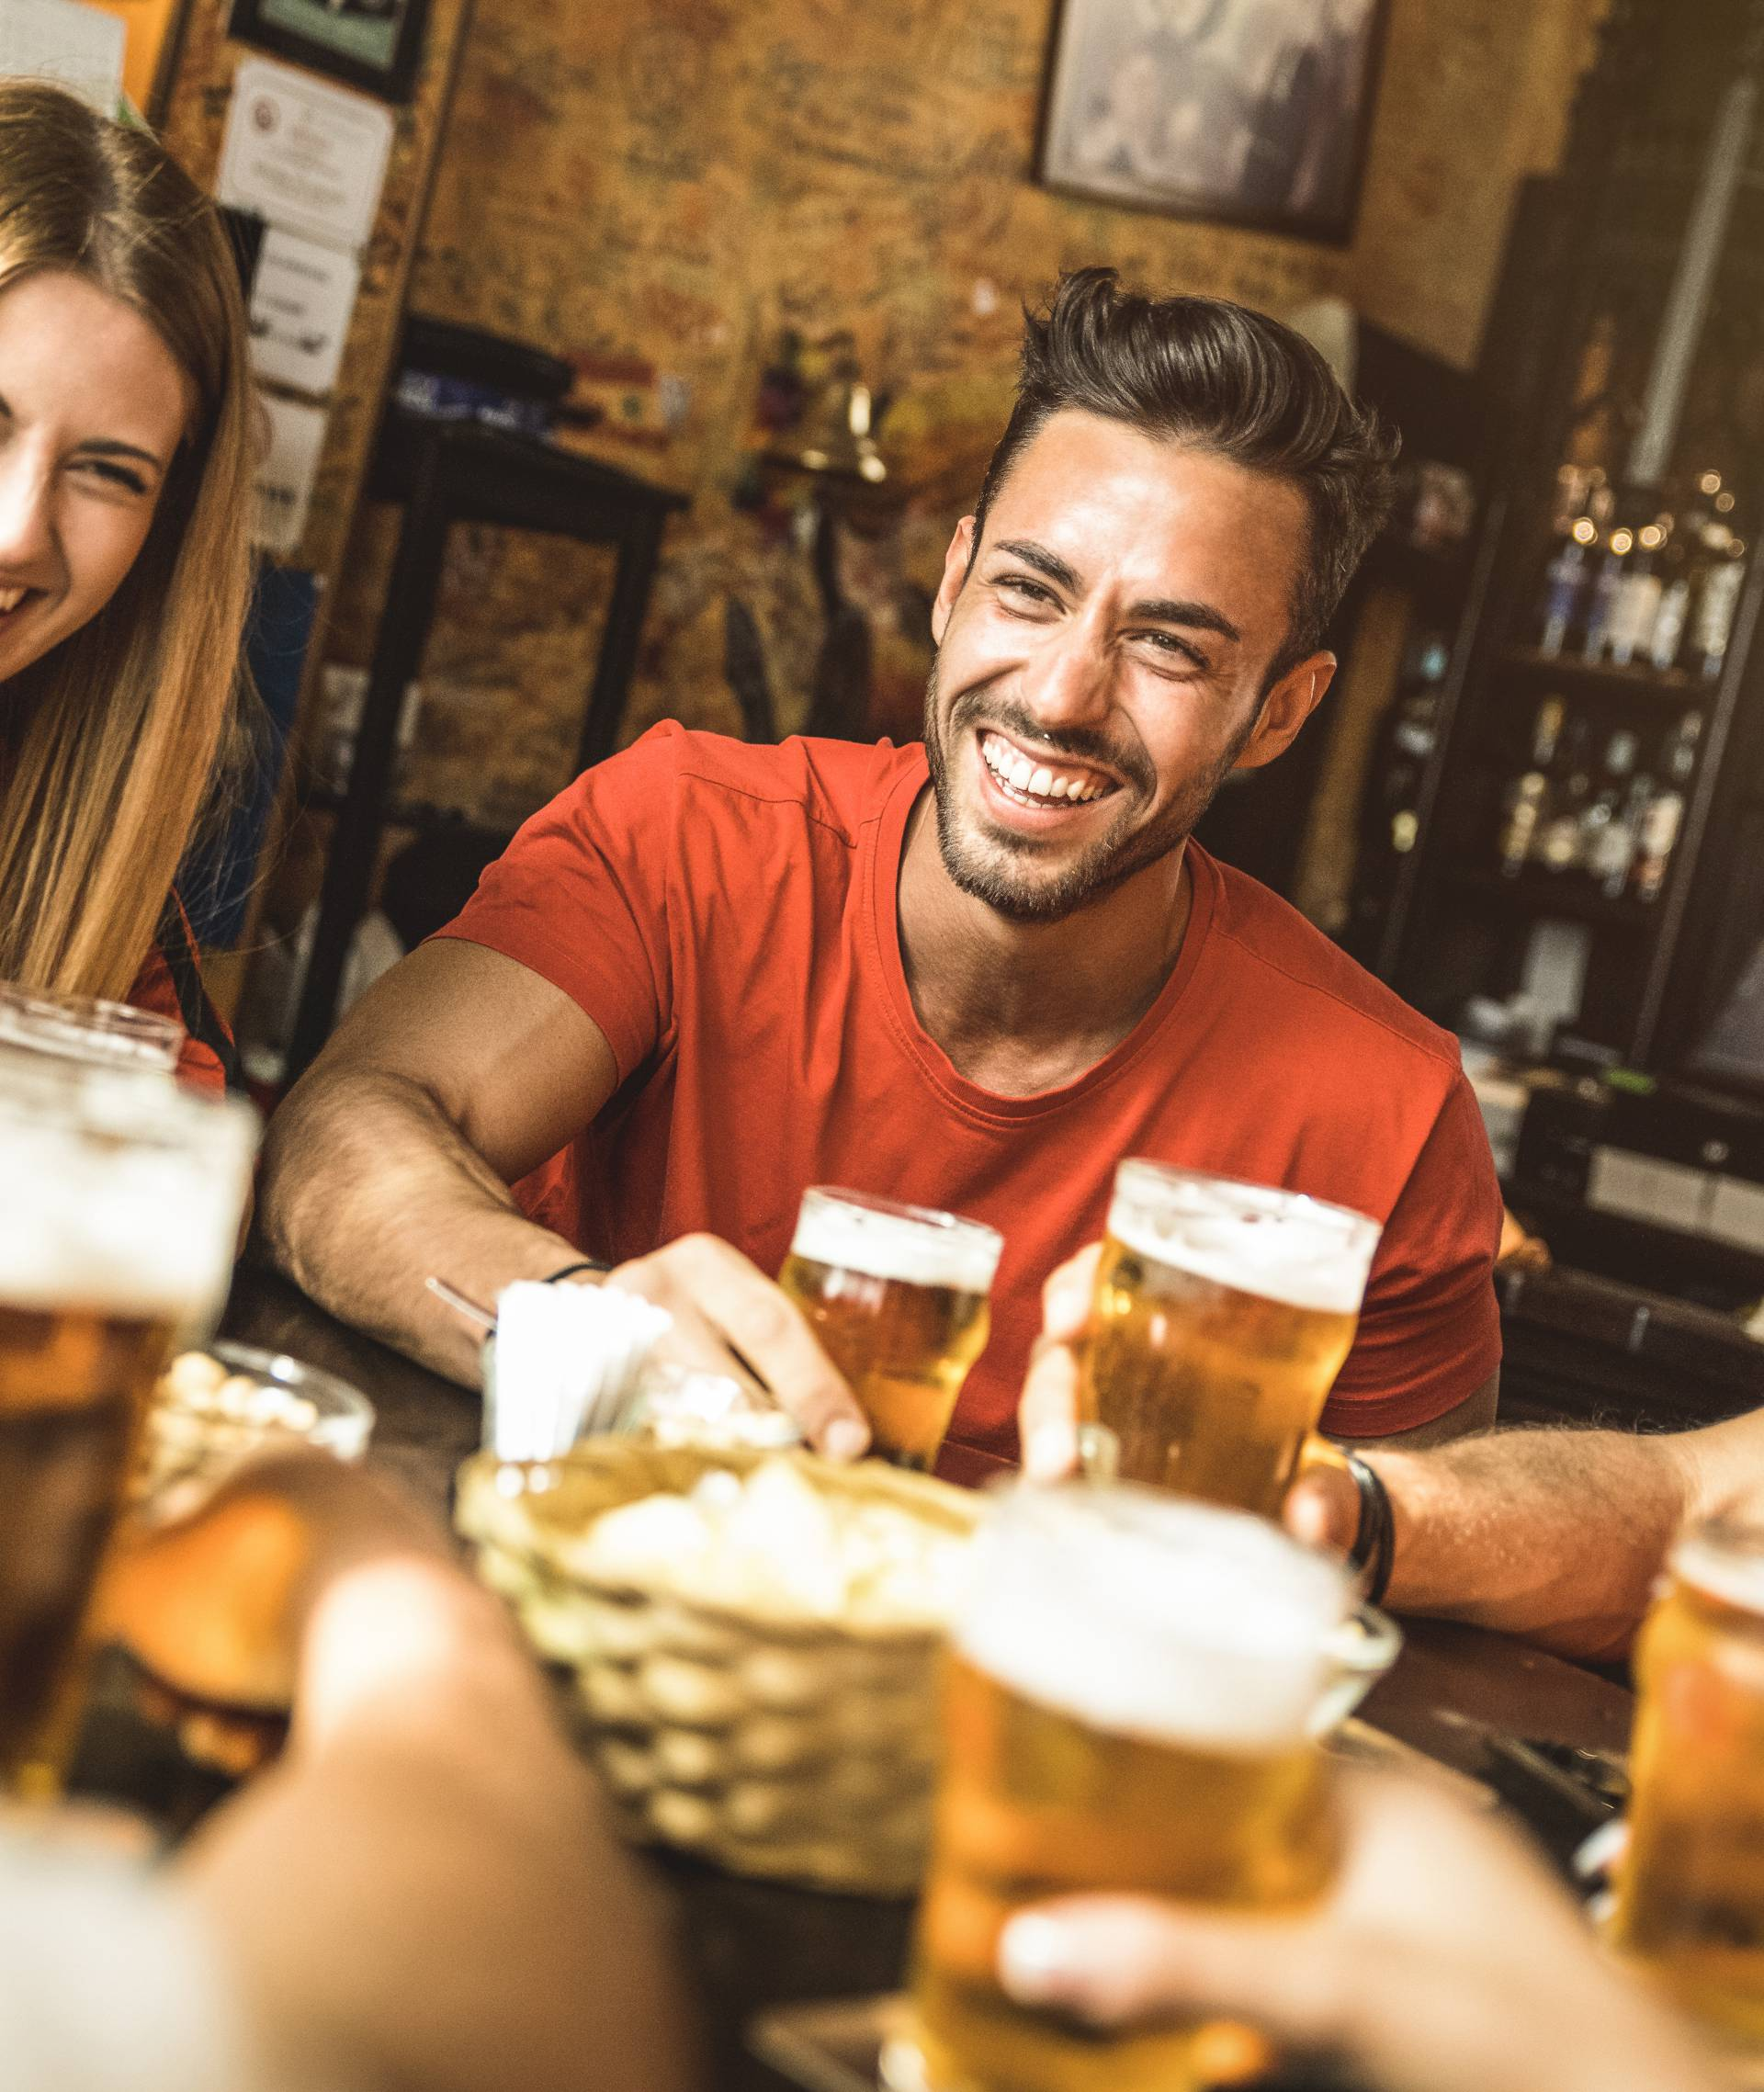 Kombinacija alkohola i lijekova može biti opasna, ali i fatalna